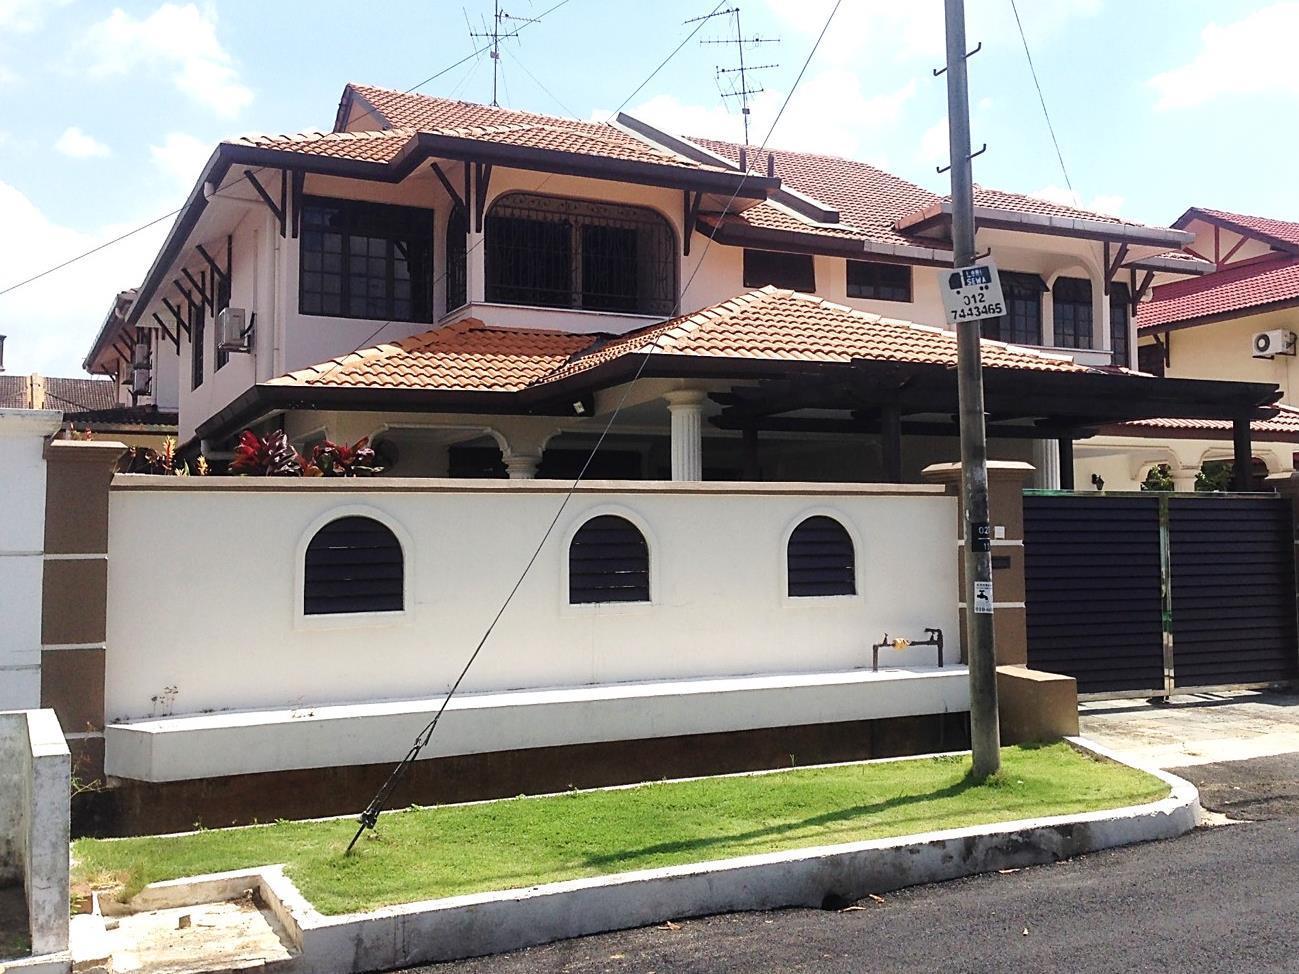 Holiday Villa Bukit Indah, Johor Bahru